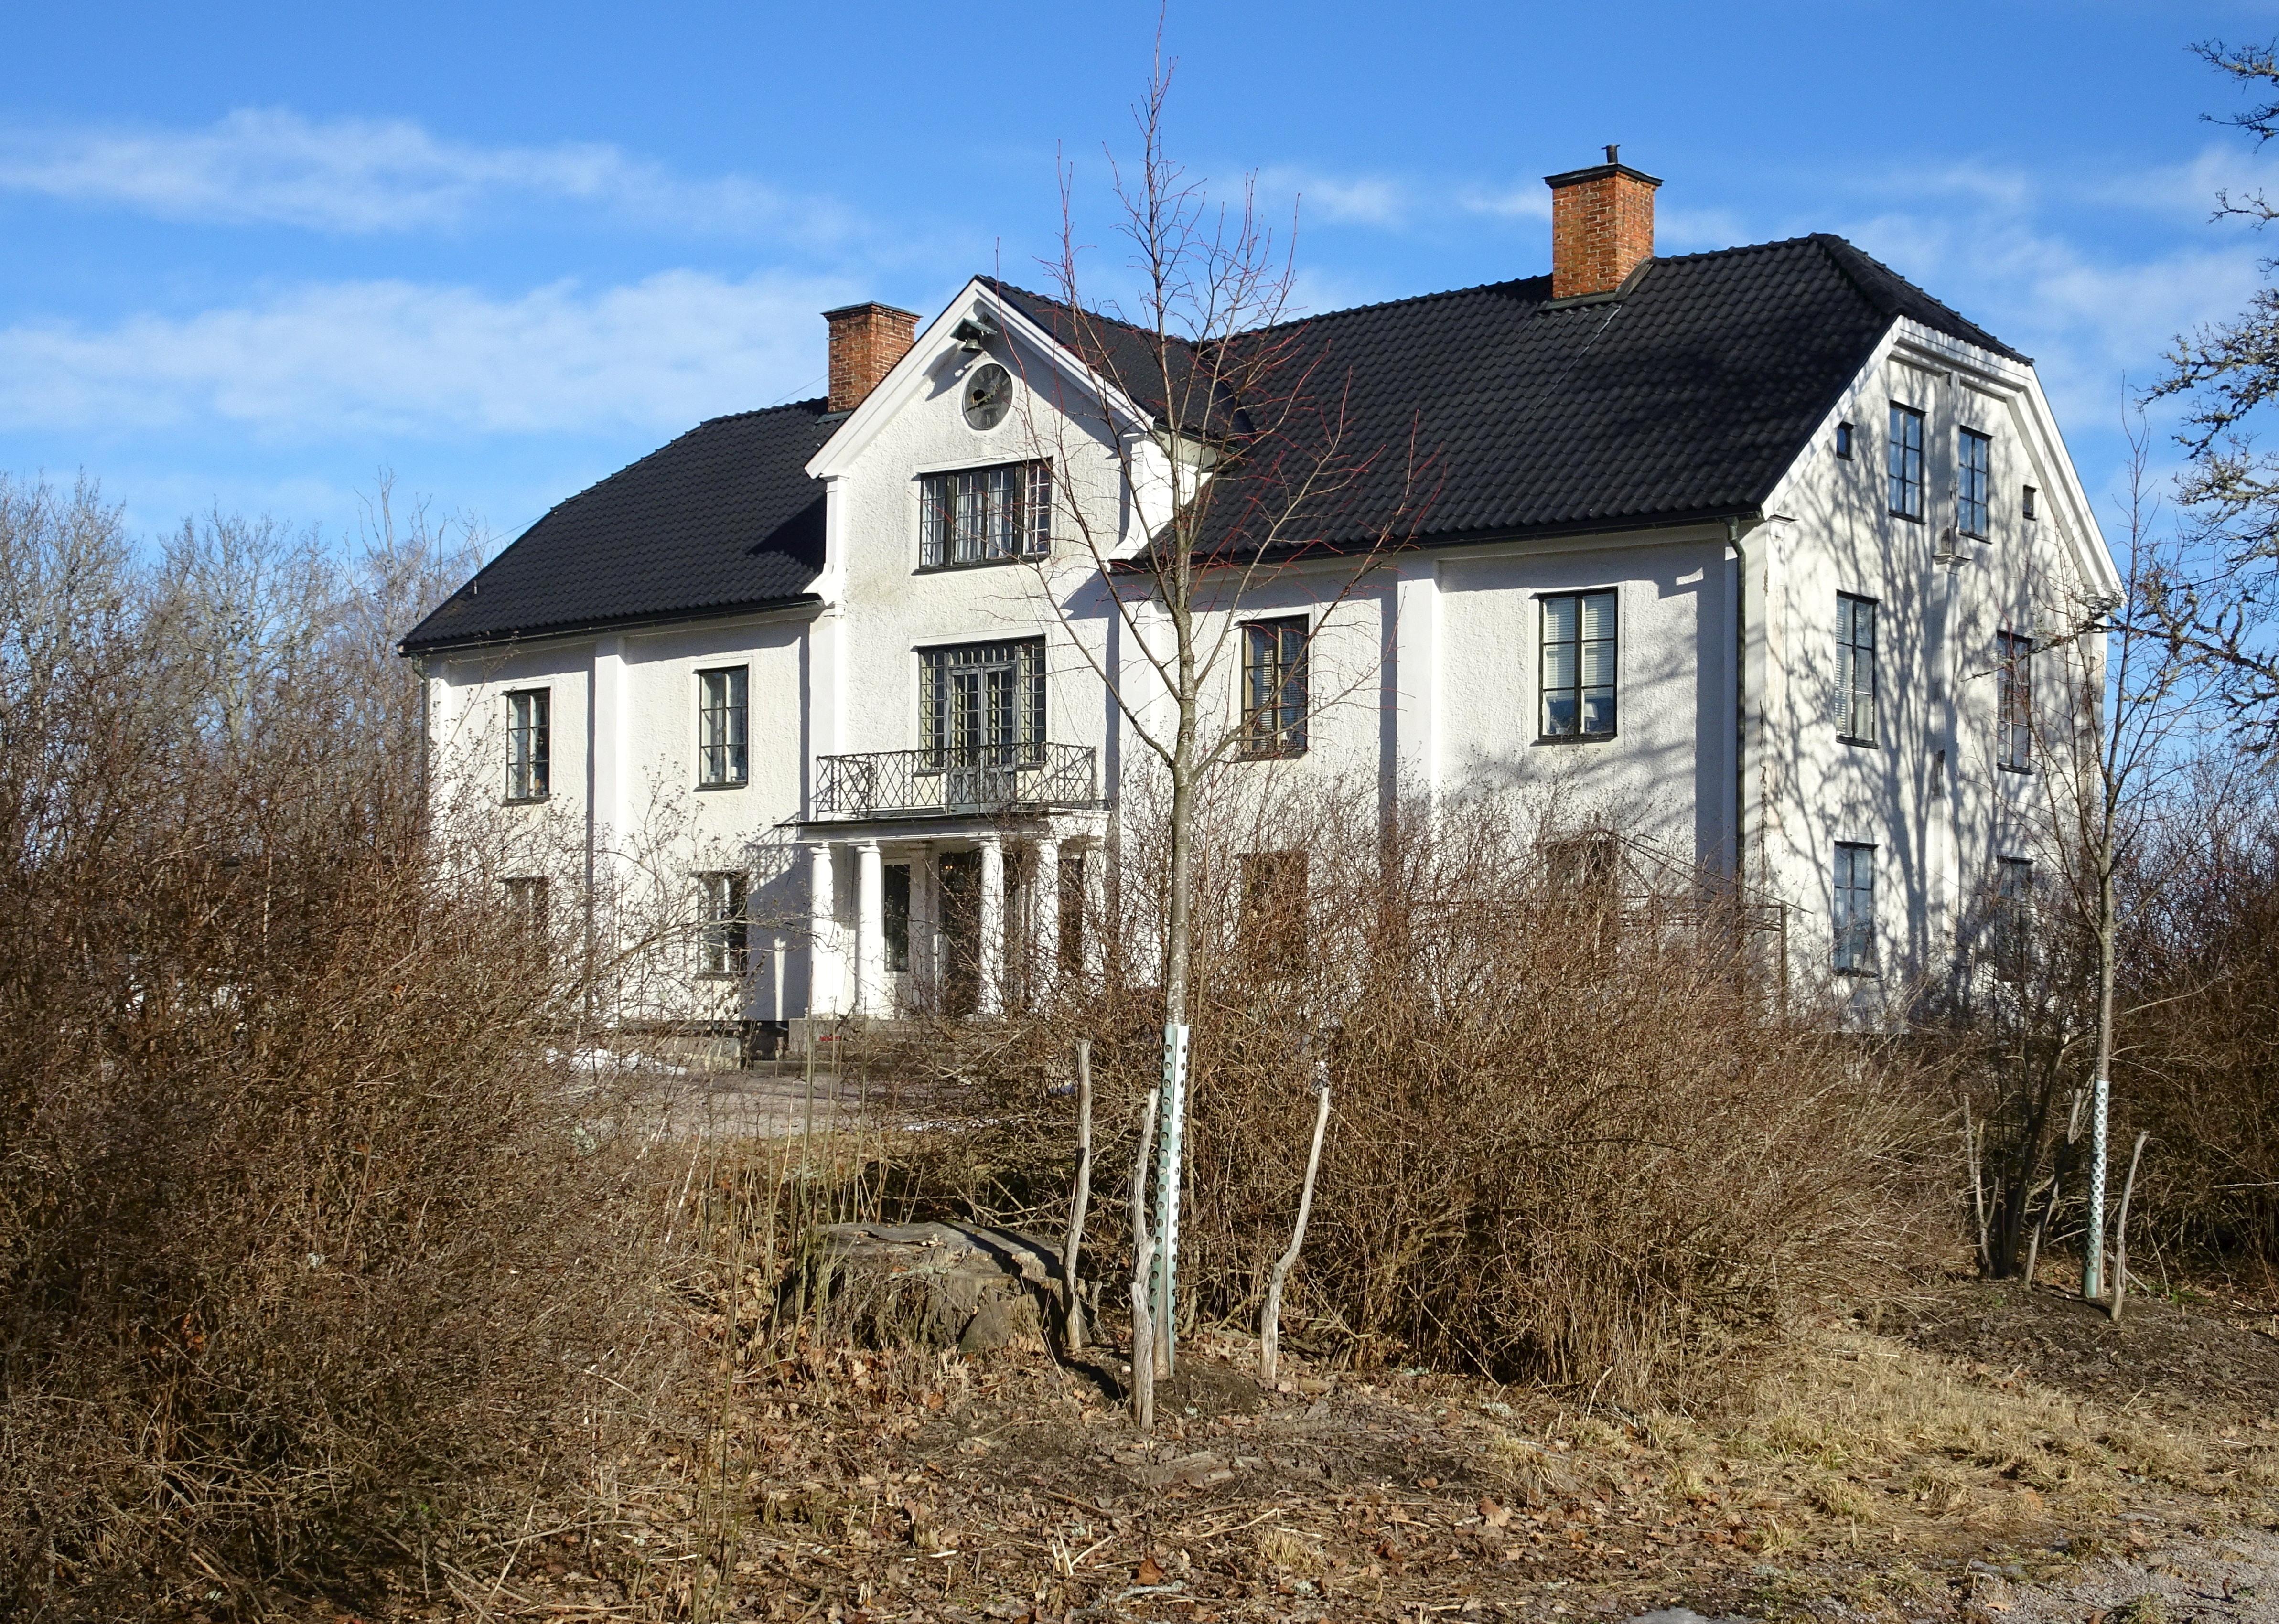 Hässelby_gård,_Uppsala,_mars_2019b